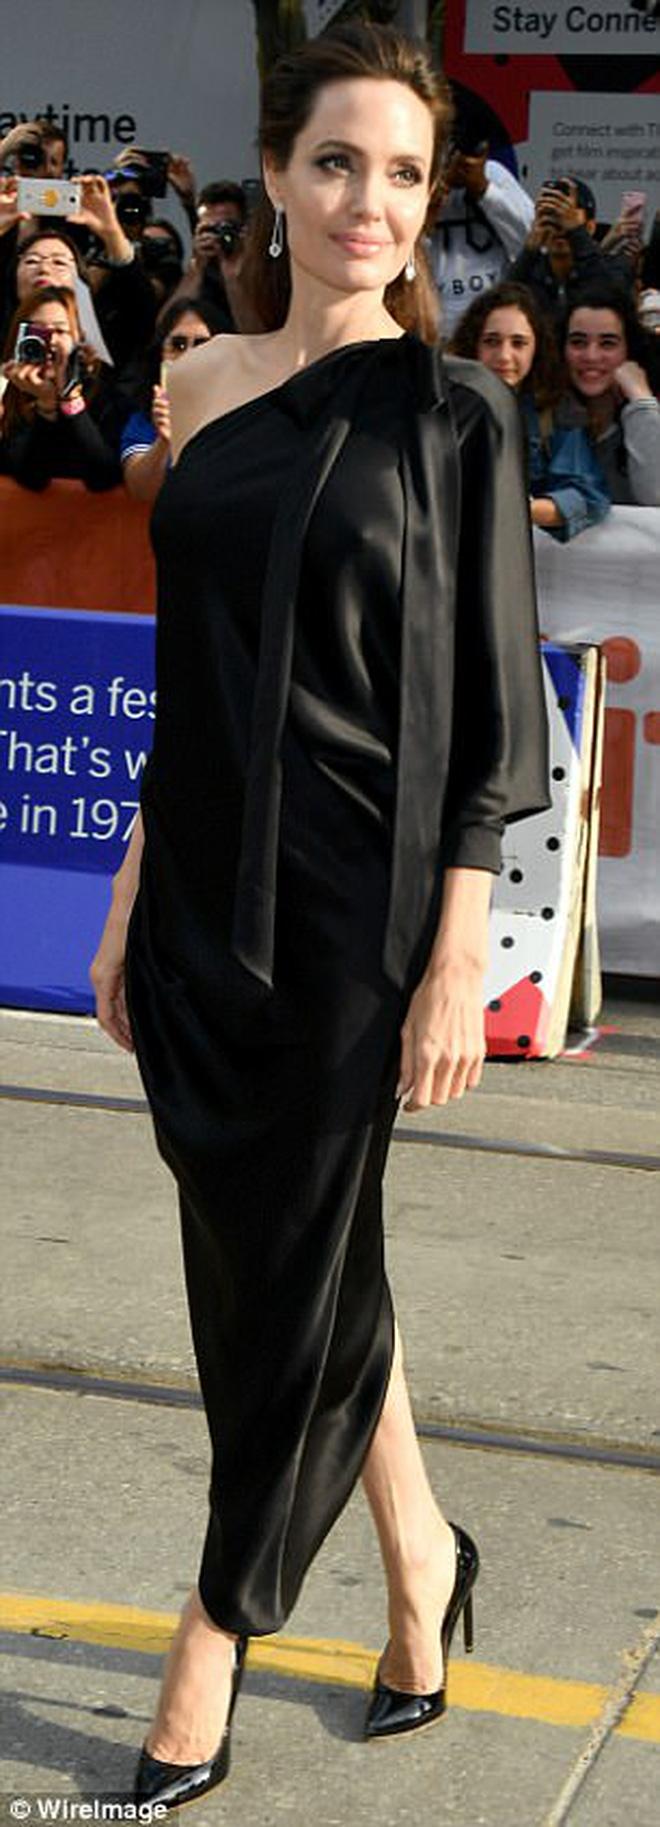 Pax Thiên giờ đã là quý tử cao nhất nhà Angelina Jolie, xuất hiện đầy chững chạc trên thảm đỏ - Ảnh 9.